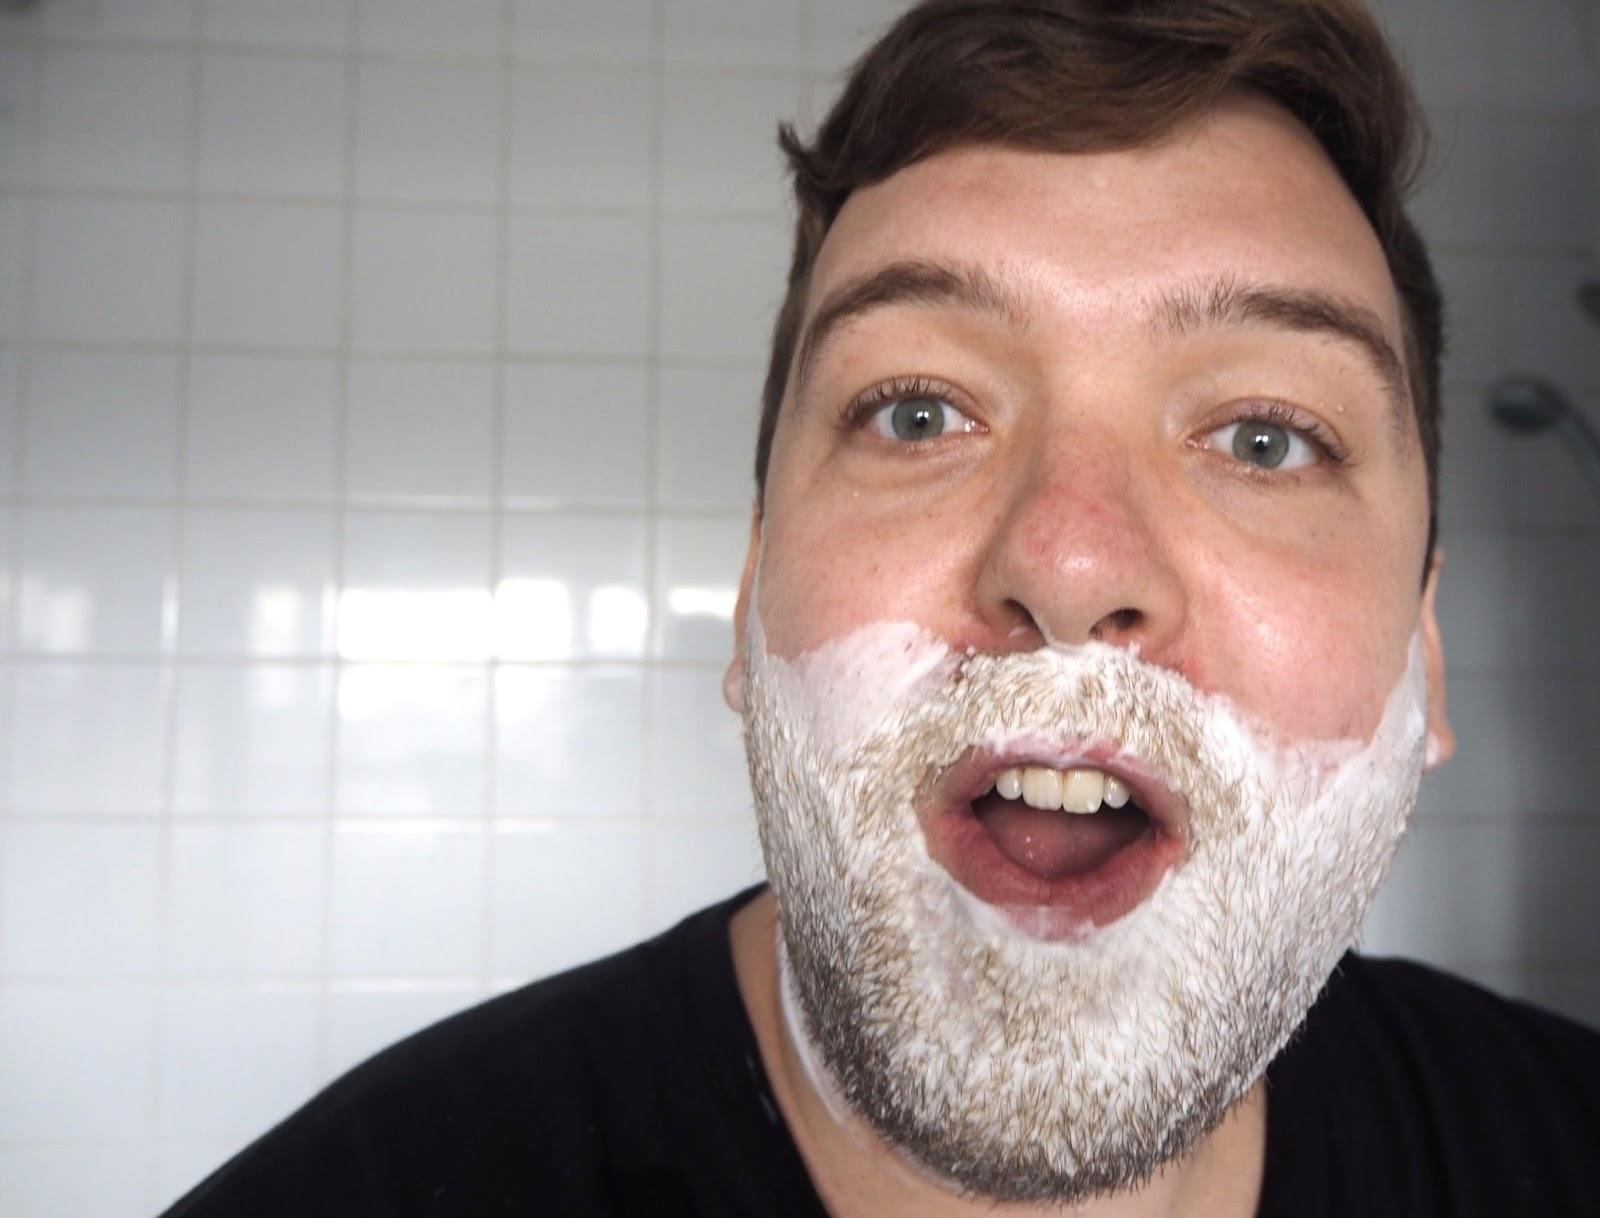 Shaving foam on beard